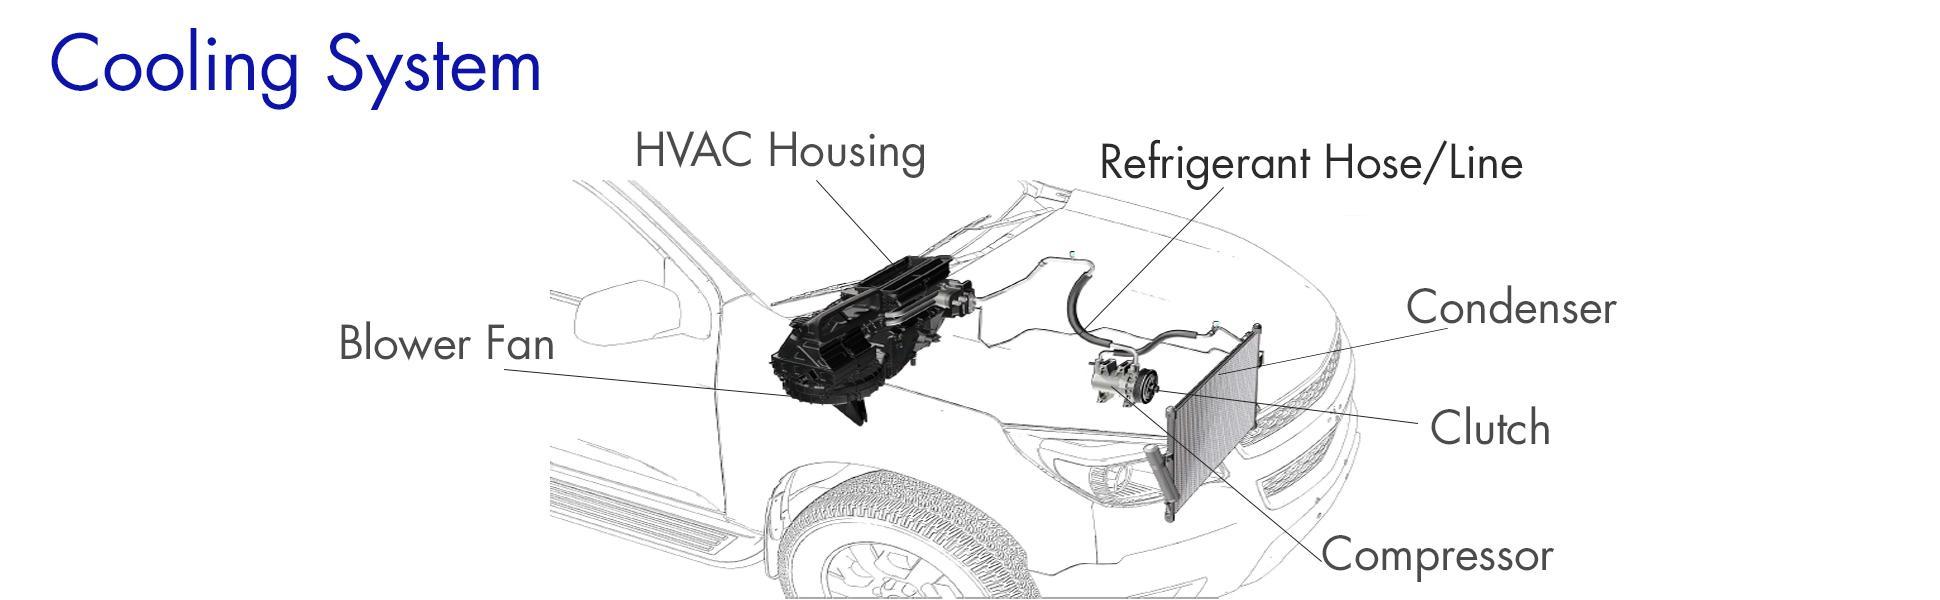 ca323d28 b57f 4983 992d a92bcff9d343._CB288205572_ acdelco 15 75221 gm original equipment blower motor wiring harness cbt1c110 blower motor wiring harness at honlapkeszites.co